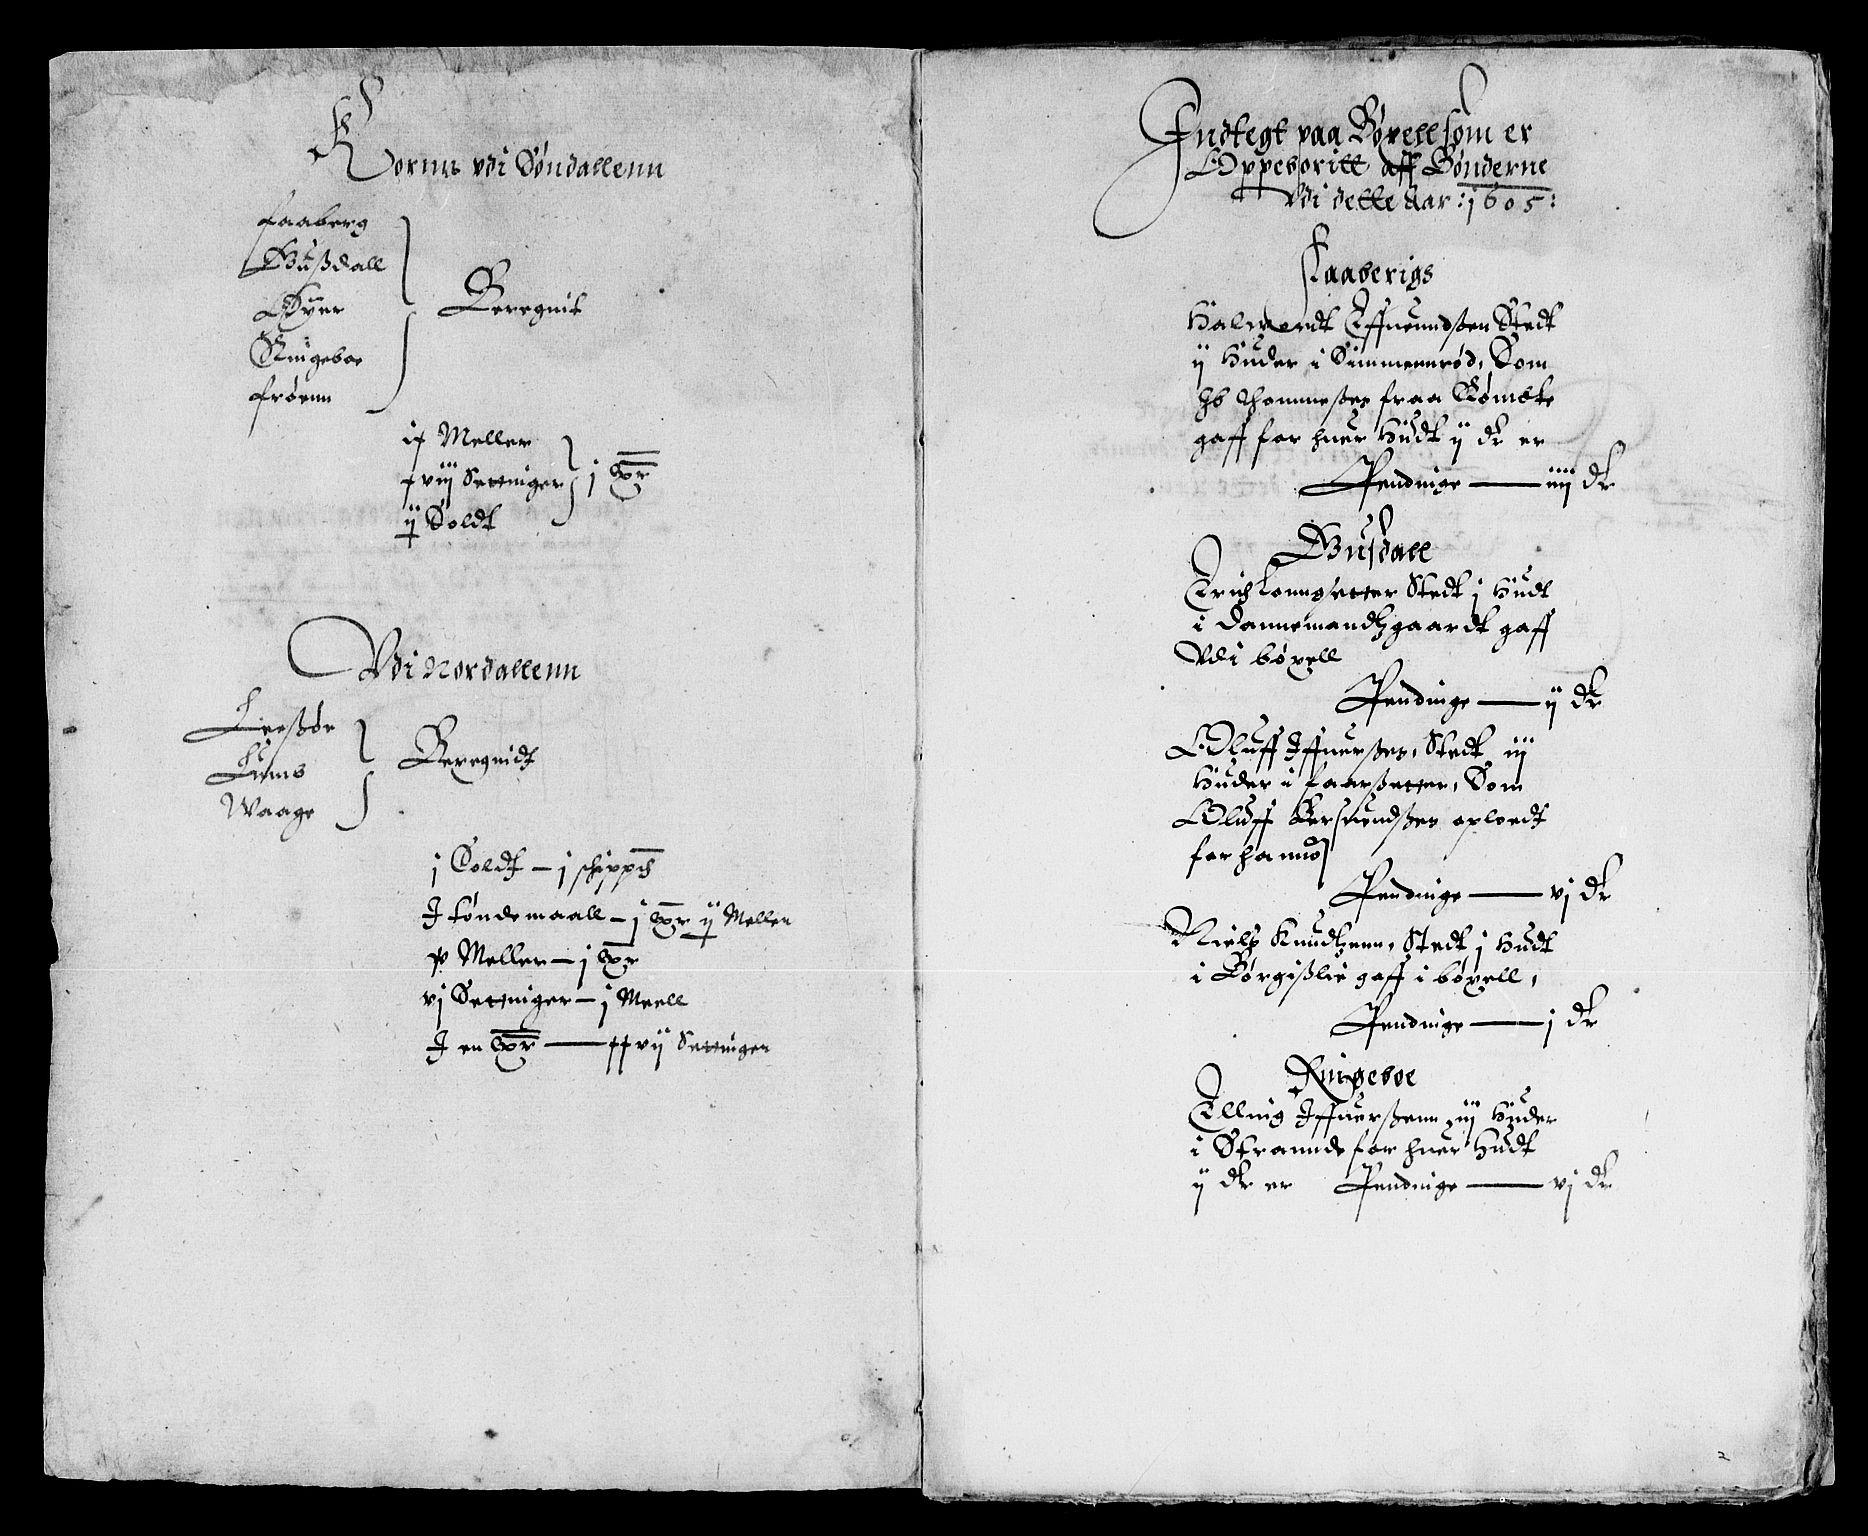 RA, Rentekammeret inntil 1814, Reviderte regnskaper, Lensregnskaper, R/Rb/Rba/L0021: Akershus len, 1605-1606